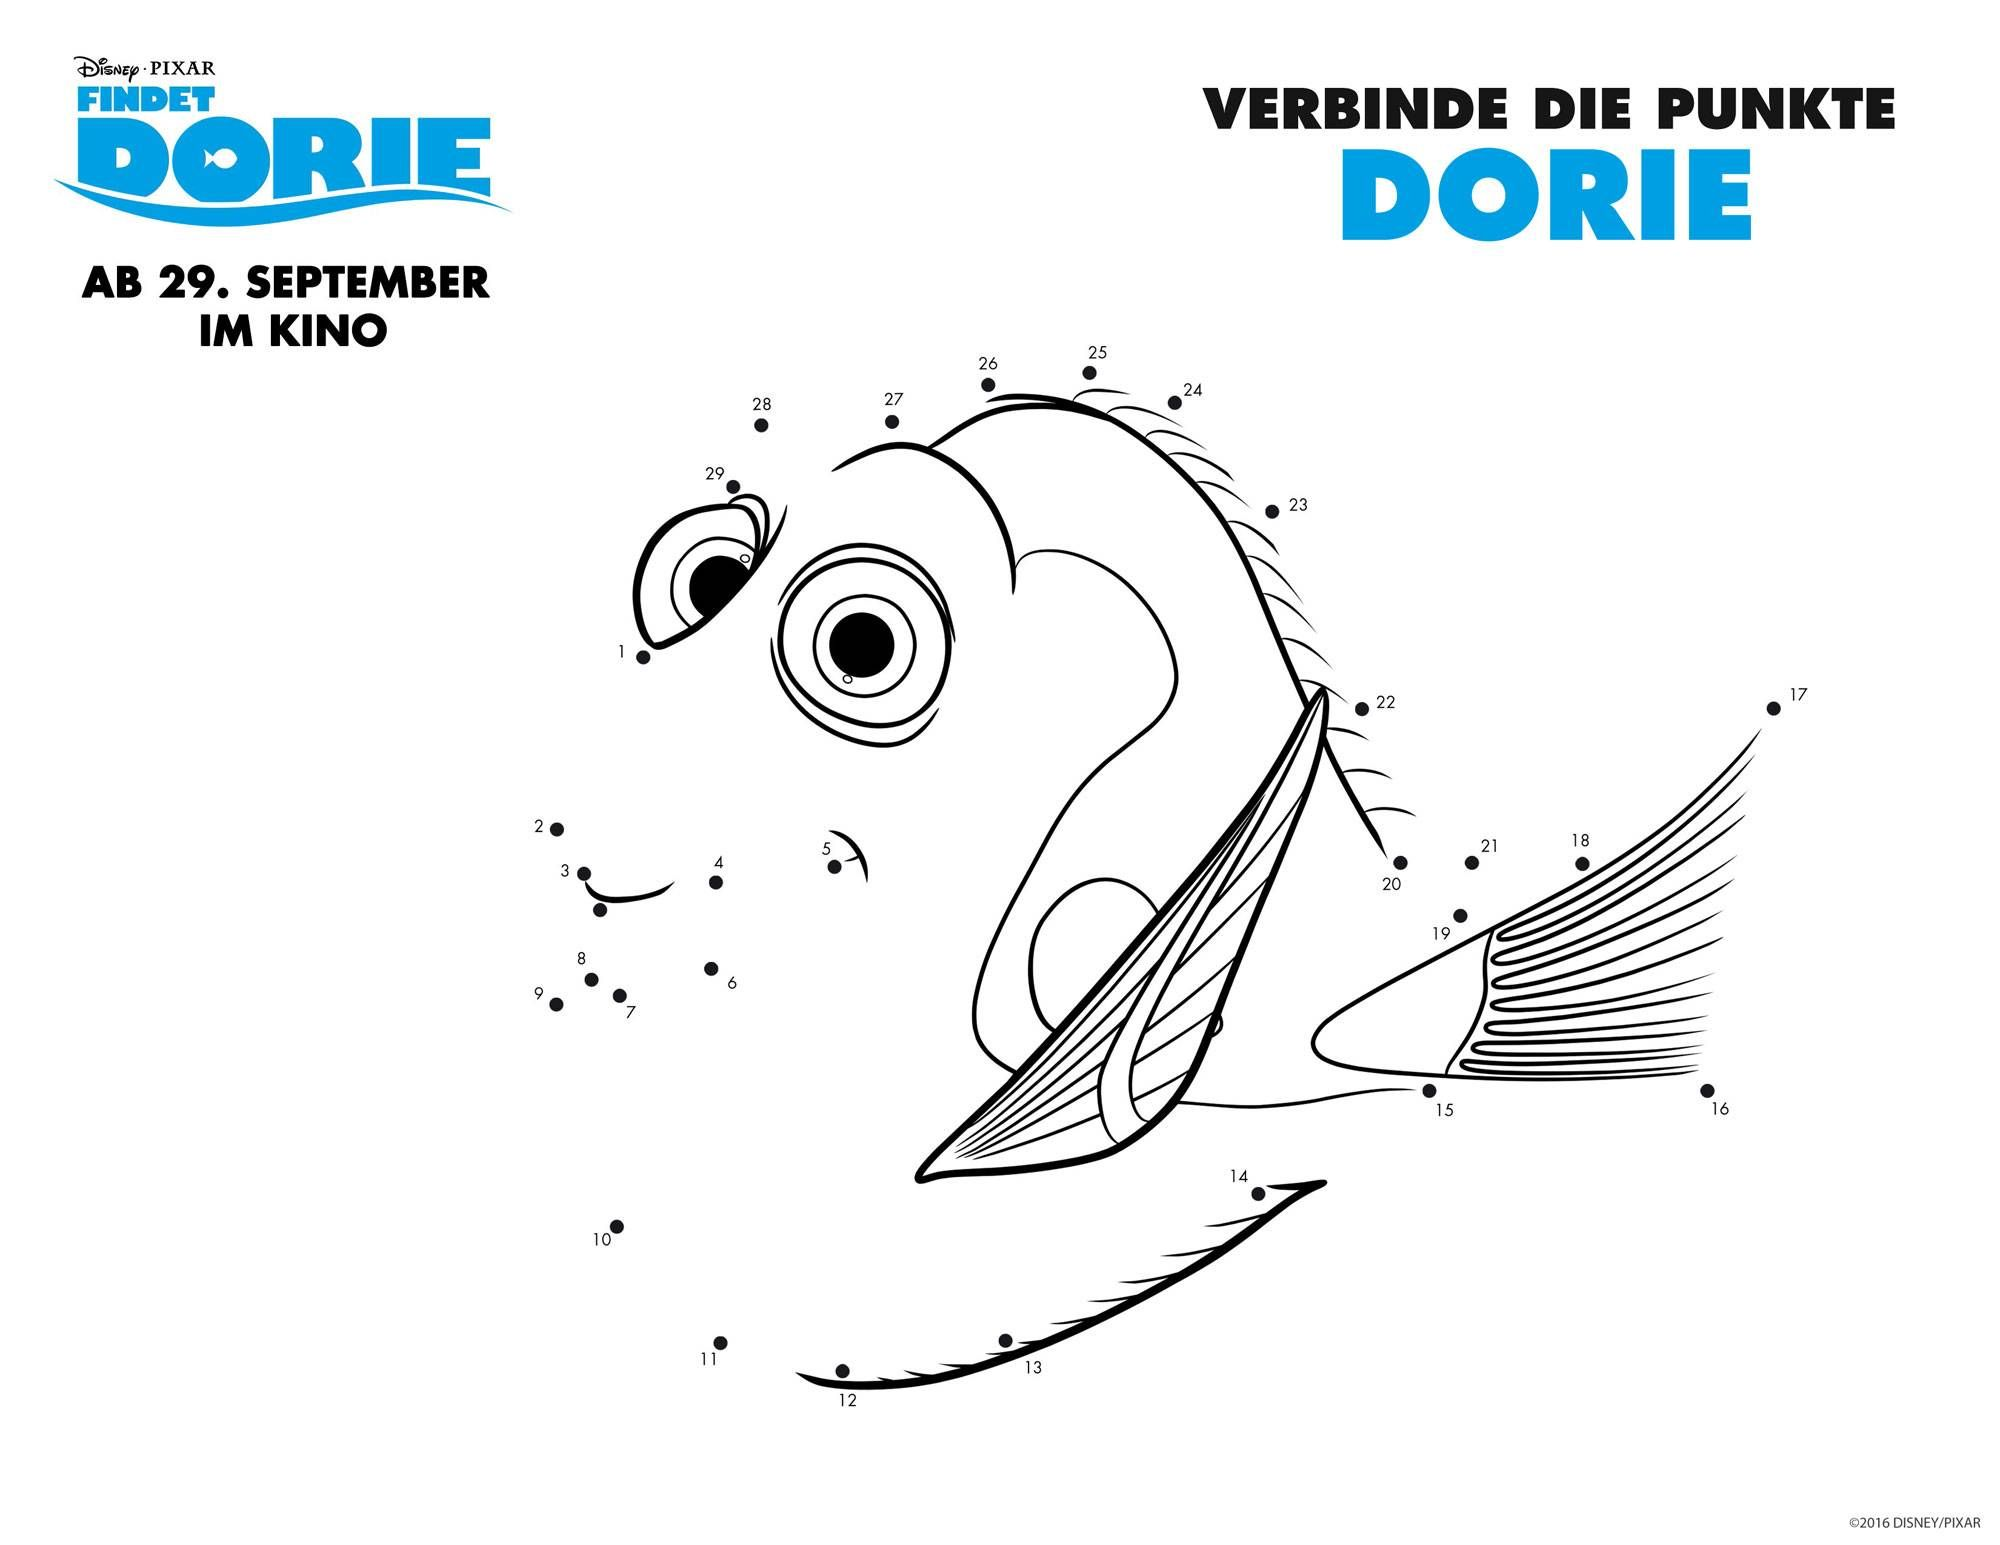 Schön Vogel Ausmalbild Sammlung Von Malen Nach Zahlen: Findet Dorie: Dorie Kostenlos